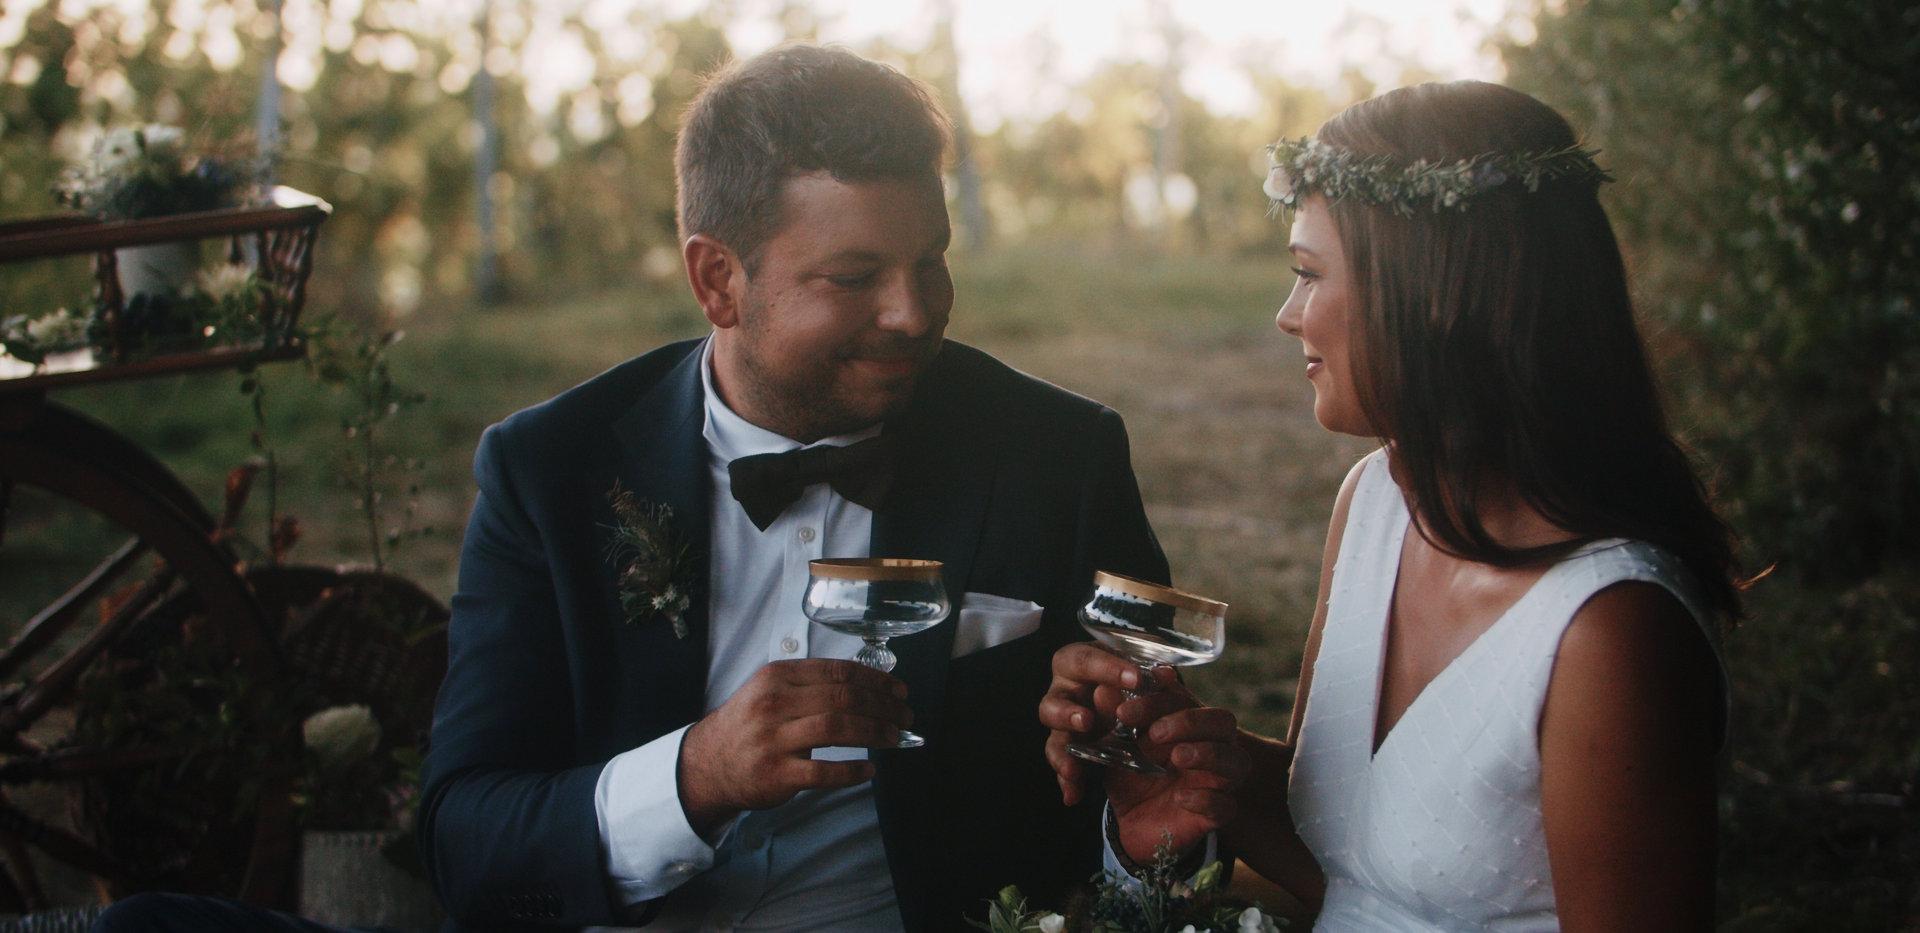 weddinghackgebell_7.9.1.jpg